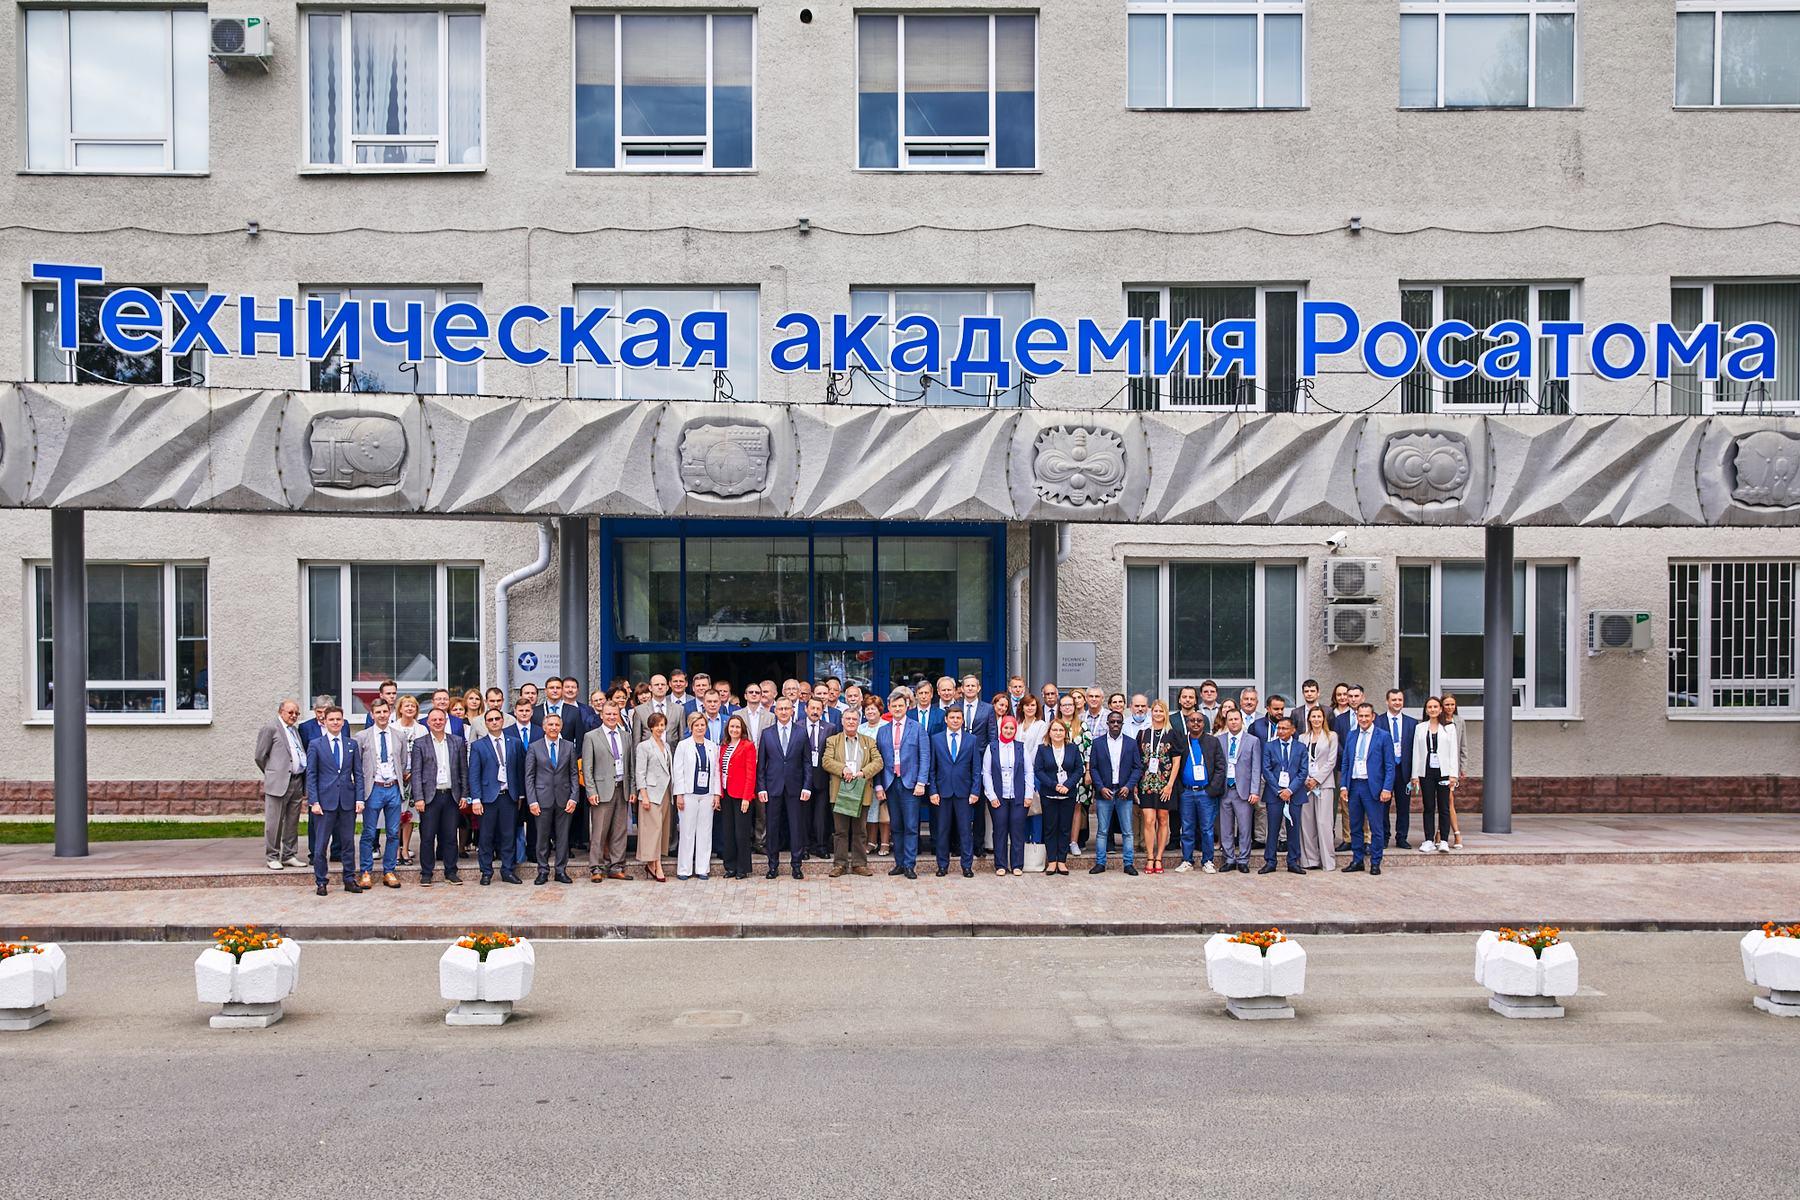 В Технической академии Росатома прошел Форум «Обнинск – центр международного ядерного образования и науки»